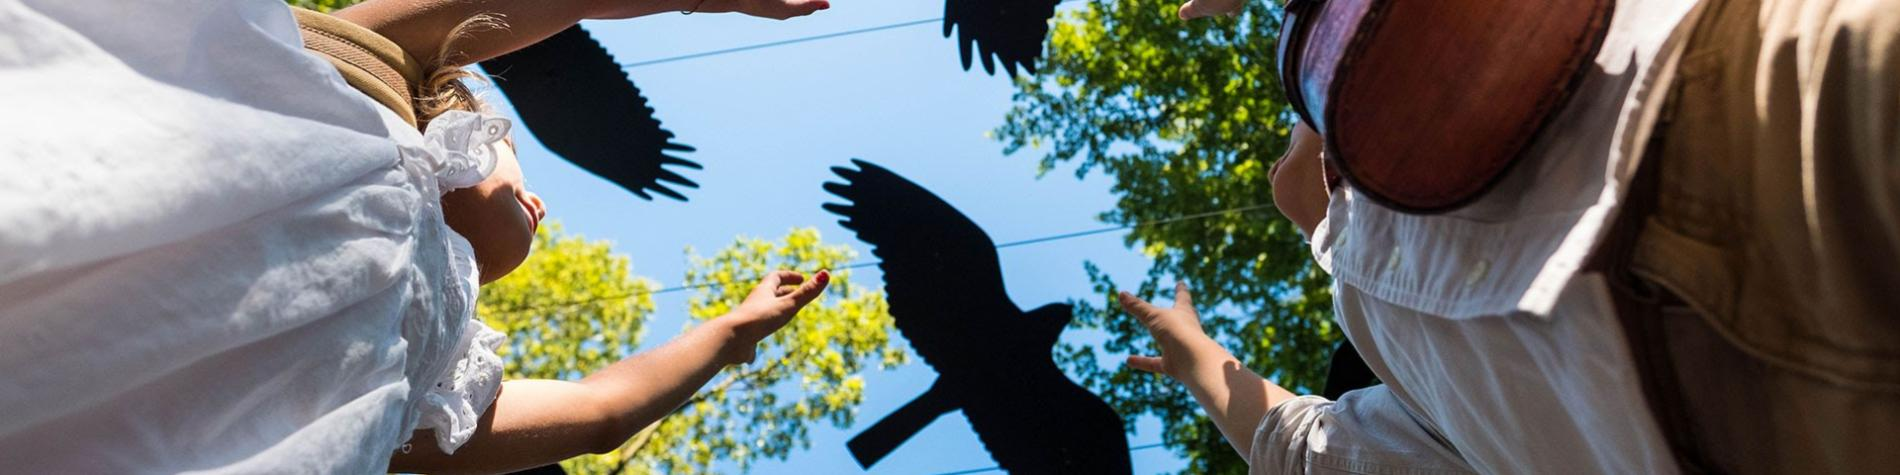 Parc Chlorophylle - Aywaille - oiseaux